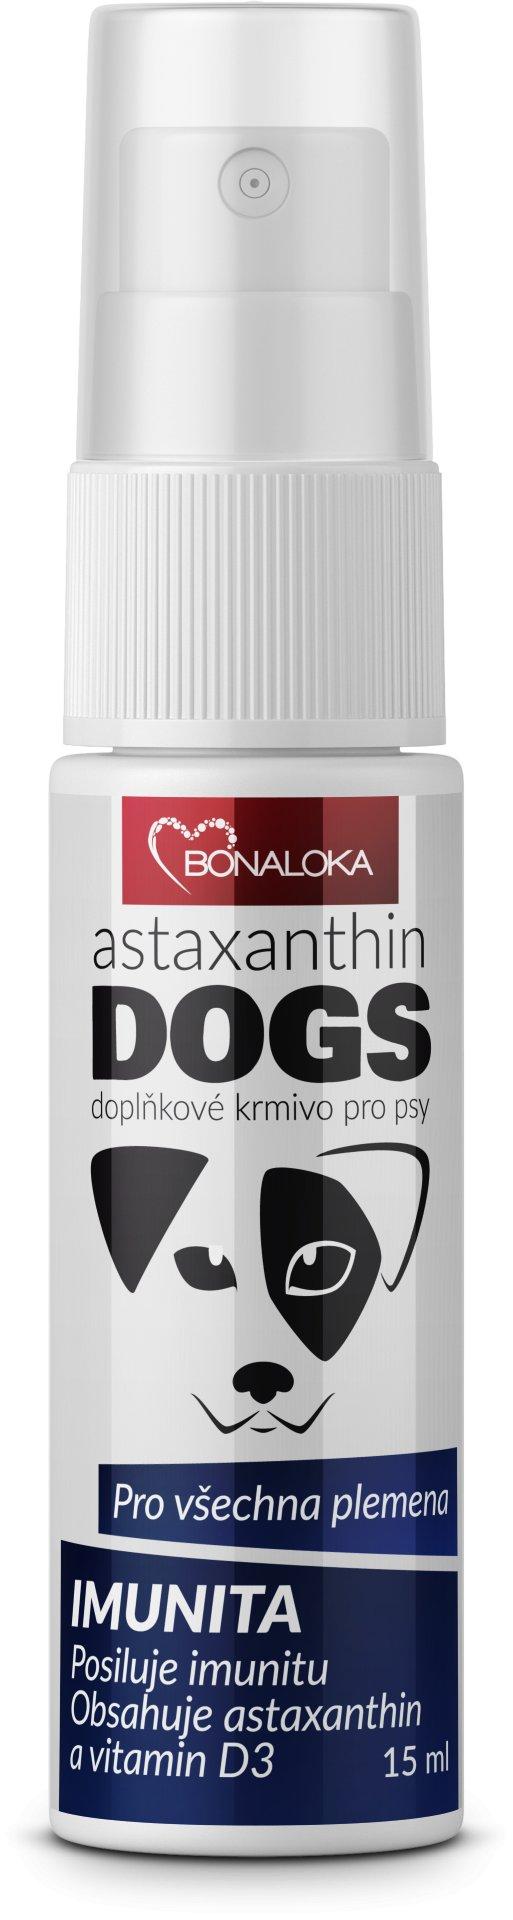 Bonaloka Astaxanthin Dogs Imunita